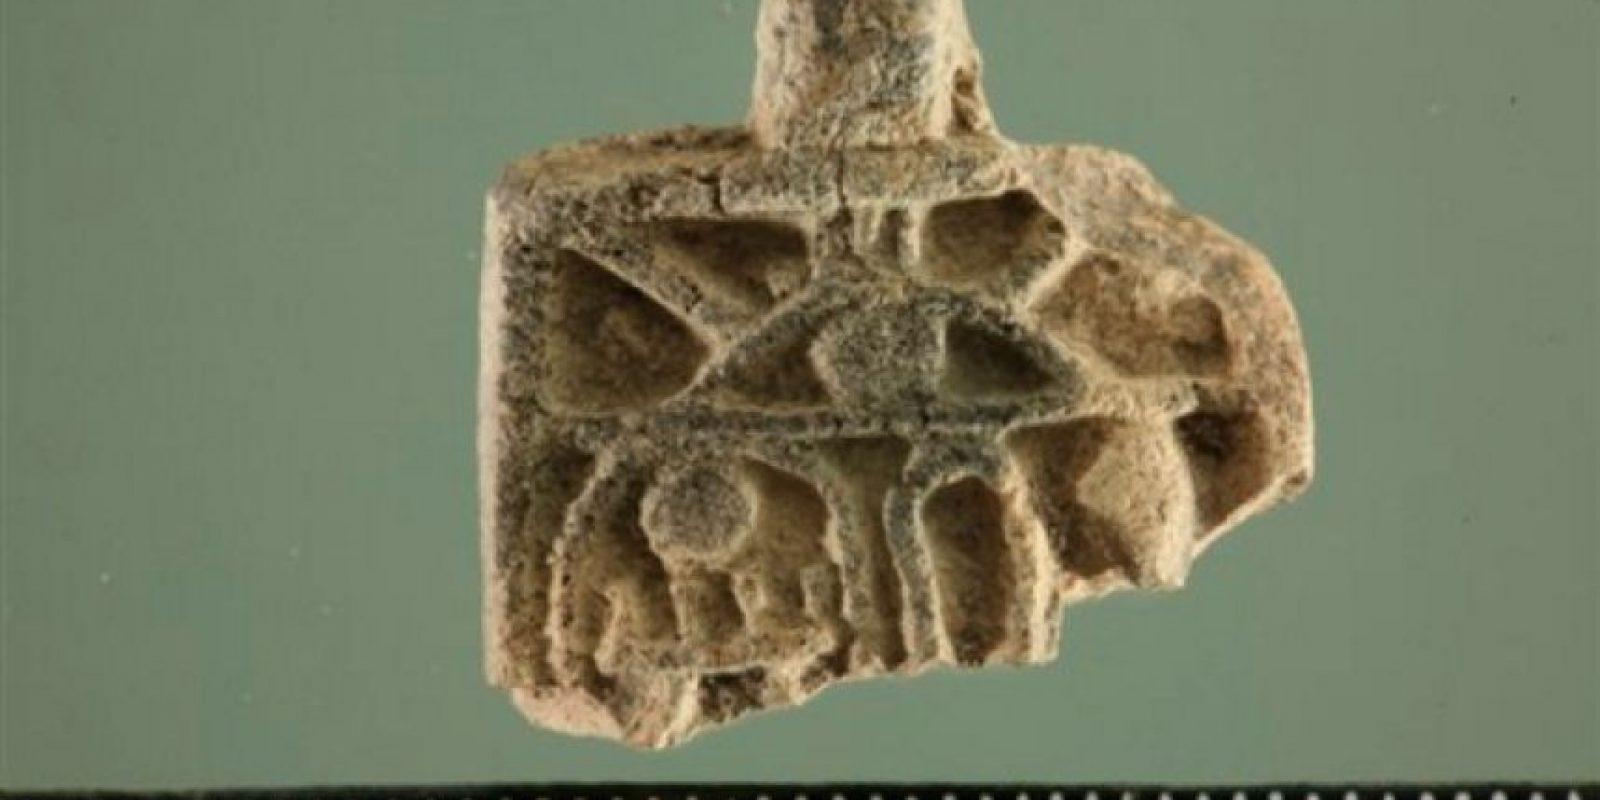 Esta imagen proporcionada por la fundación Ir David – Ciudad de David el martes 19 de abril de 2016, muestra un amuleto egipcio de la época de los faraones. Foto:AP